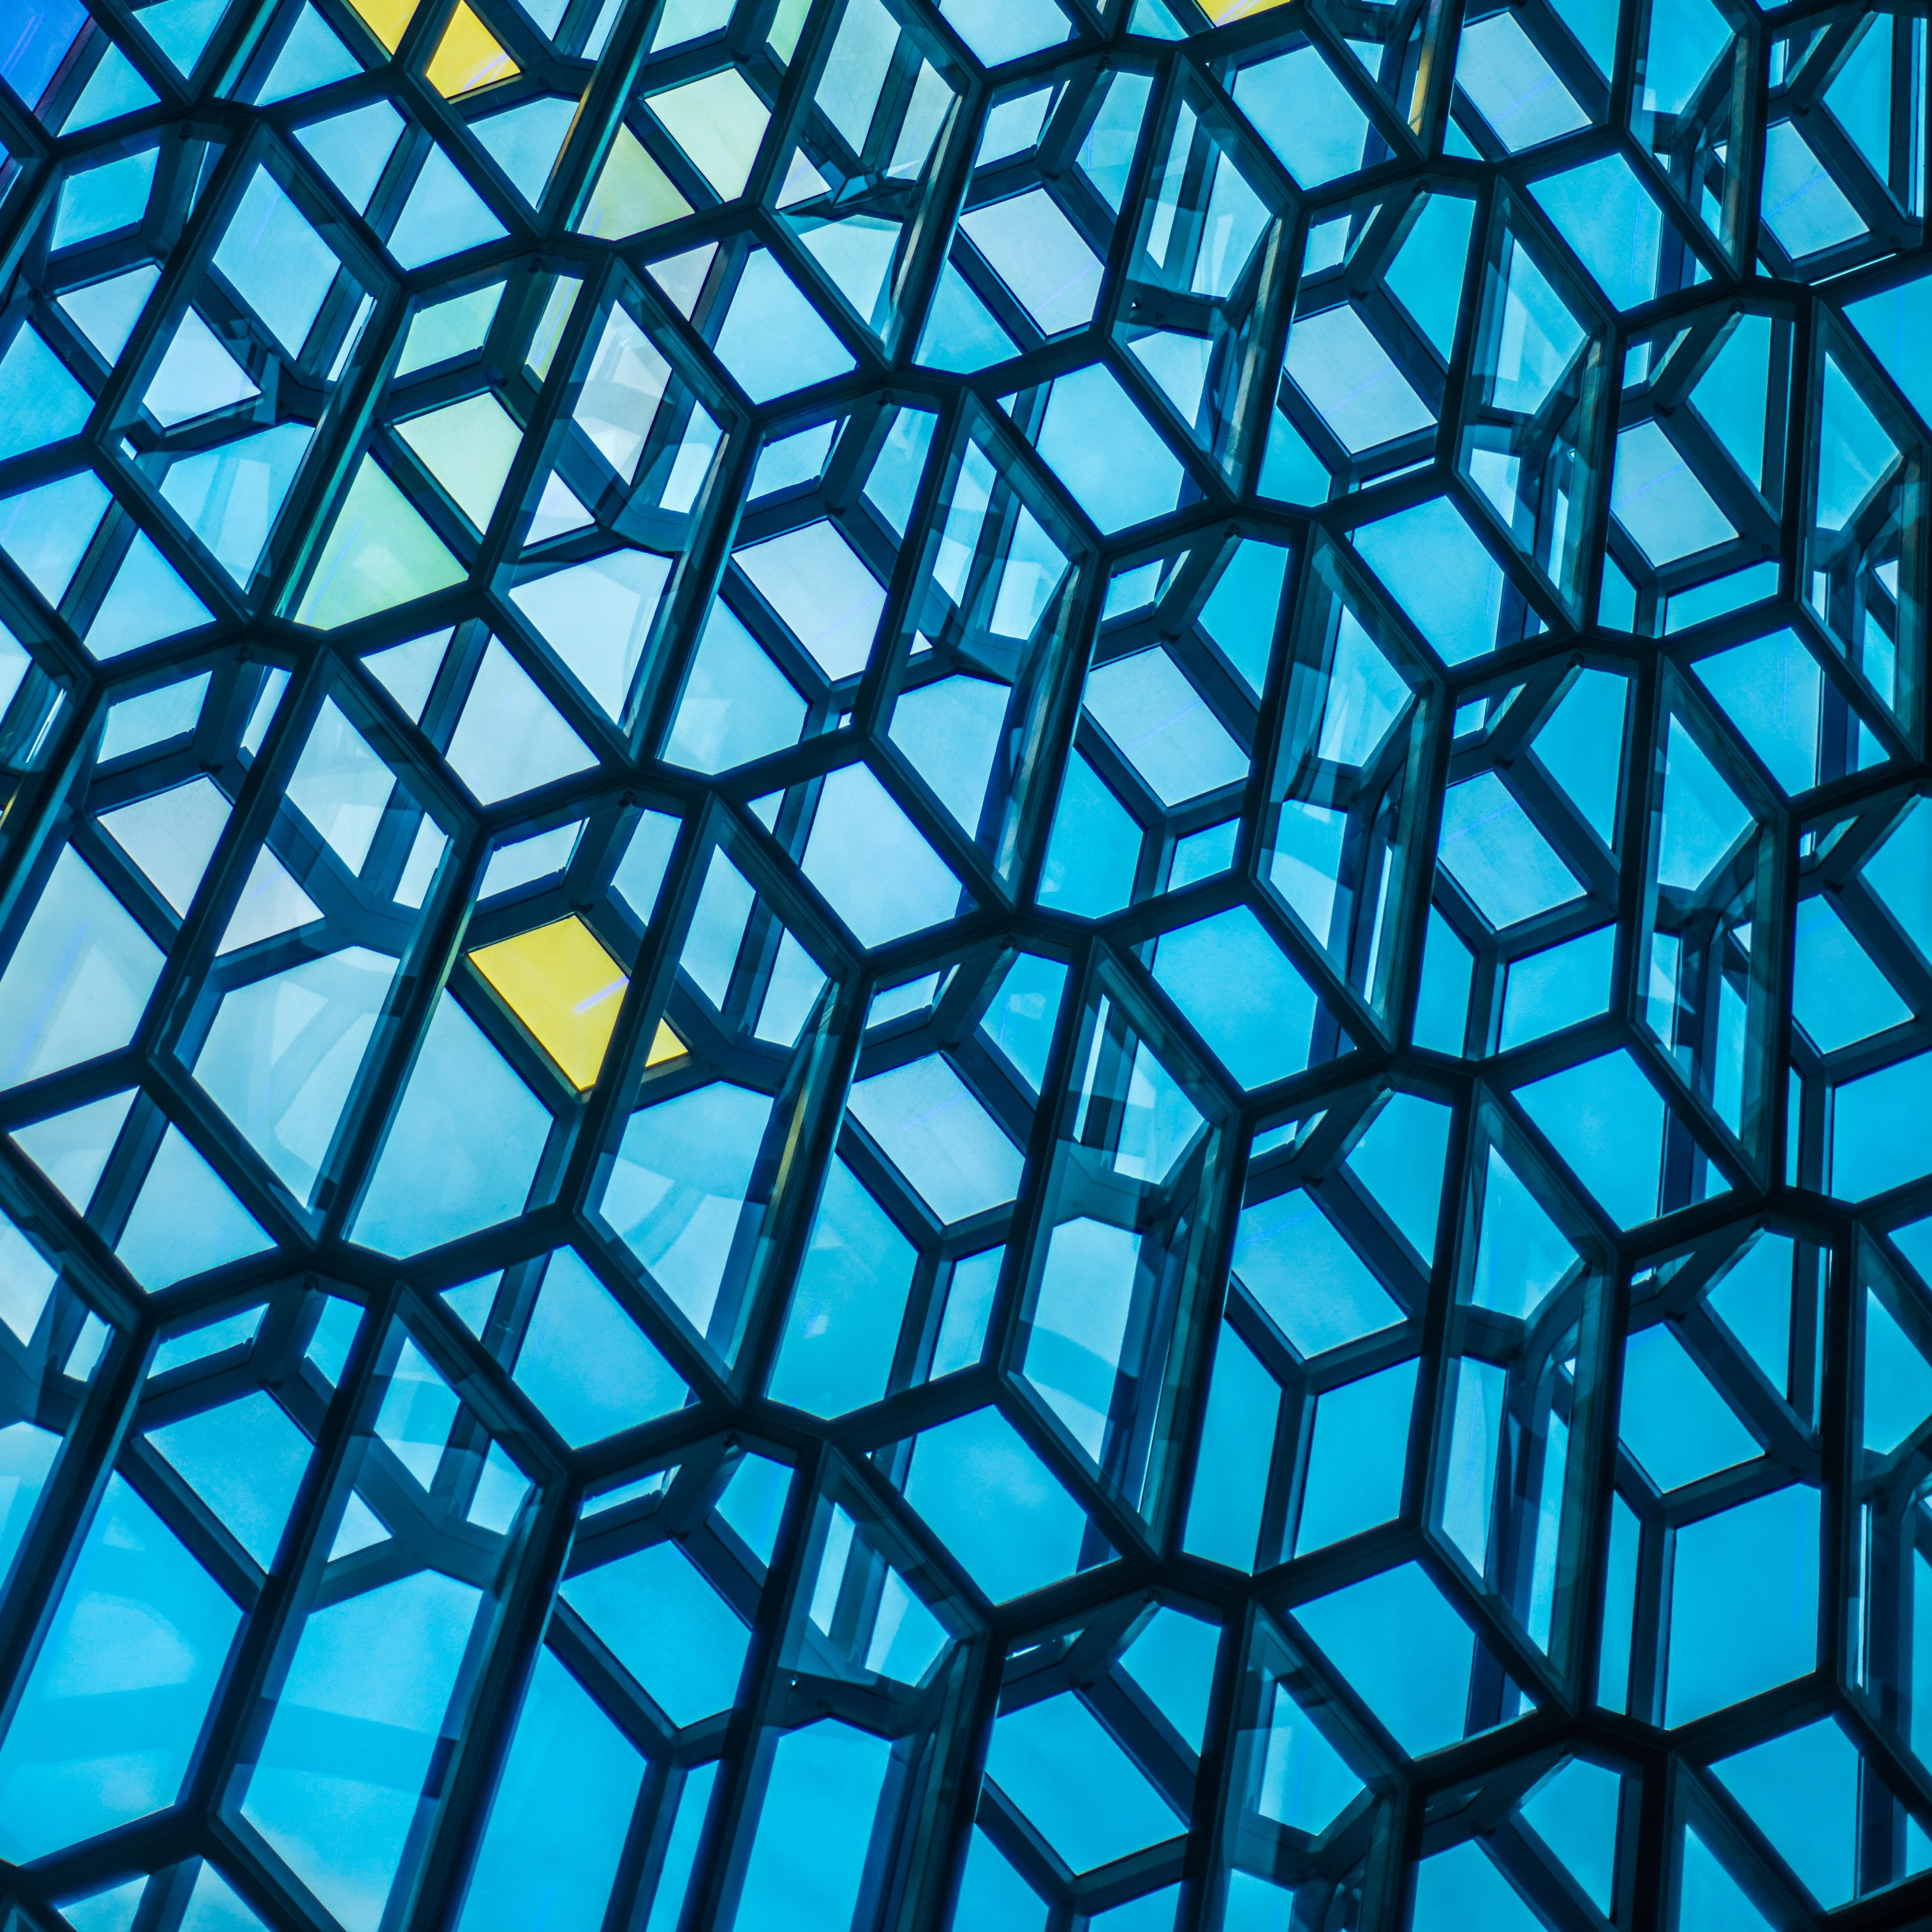 Contemporary Glass Building